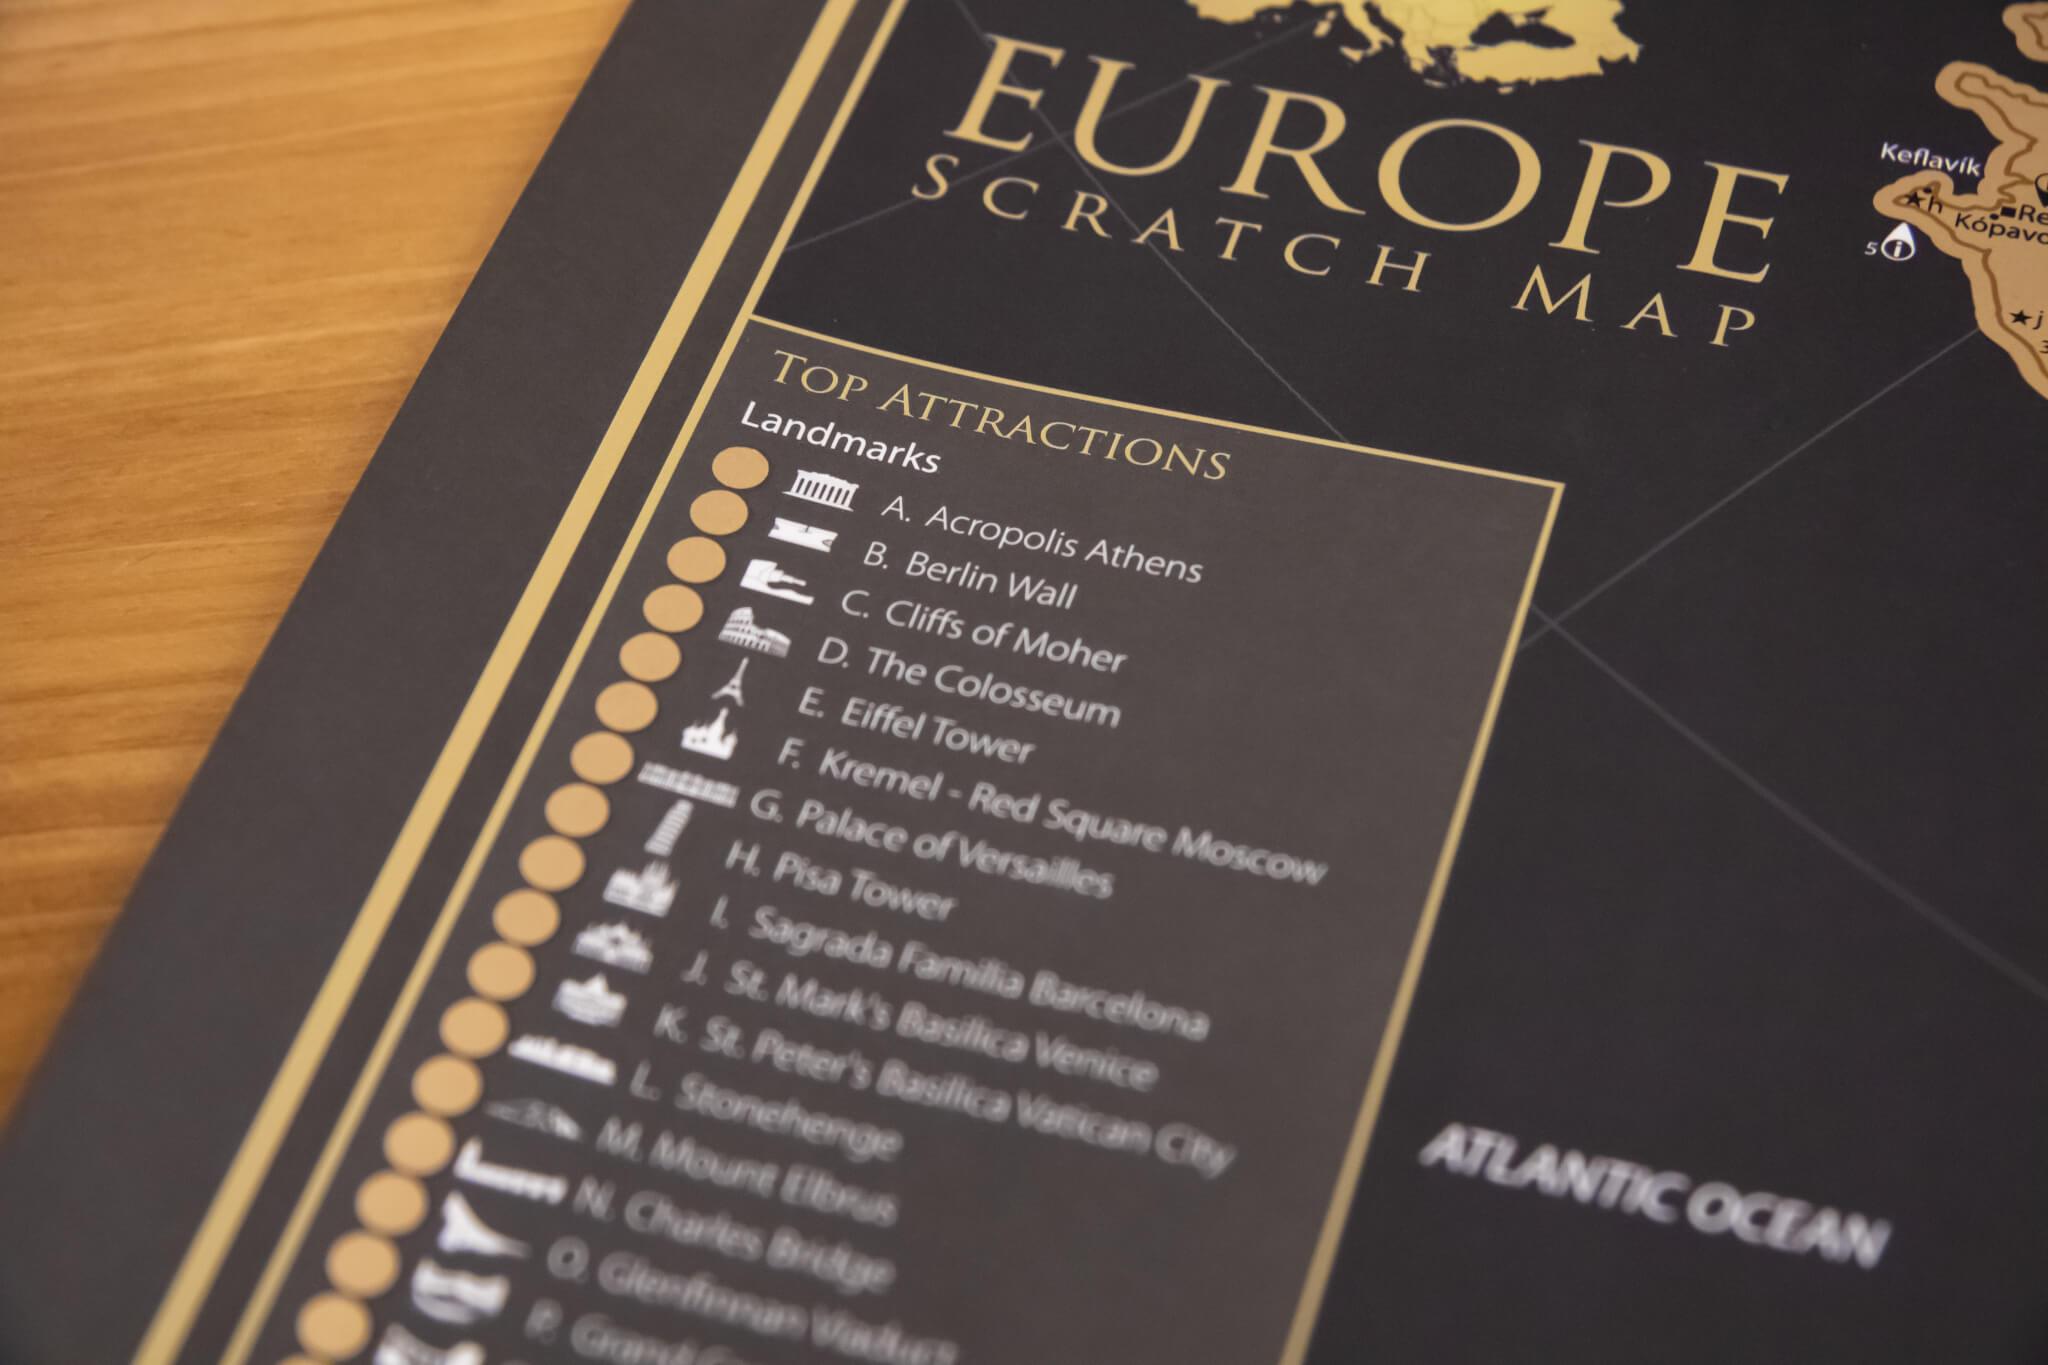 Stírací mapa Evropy - Detail top atrakcí